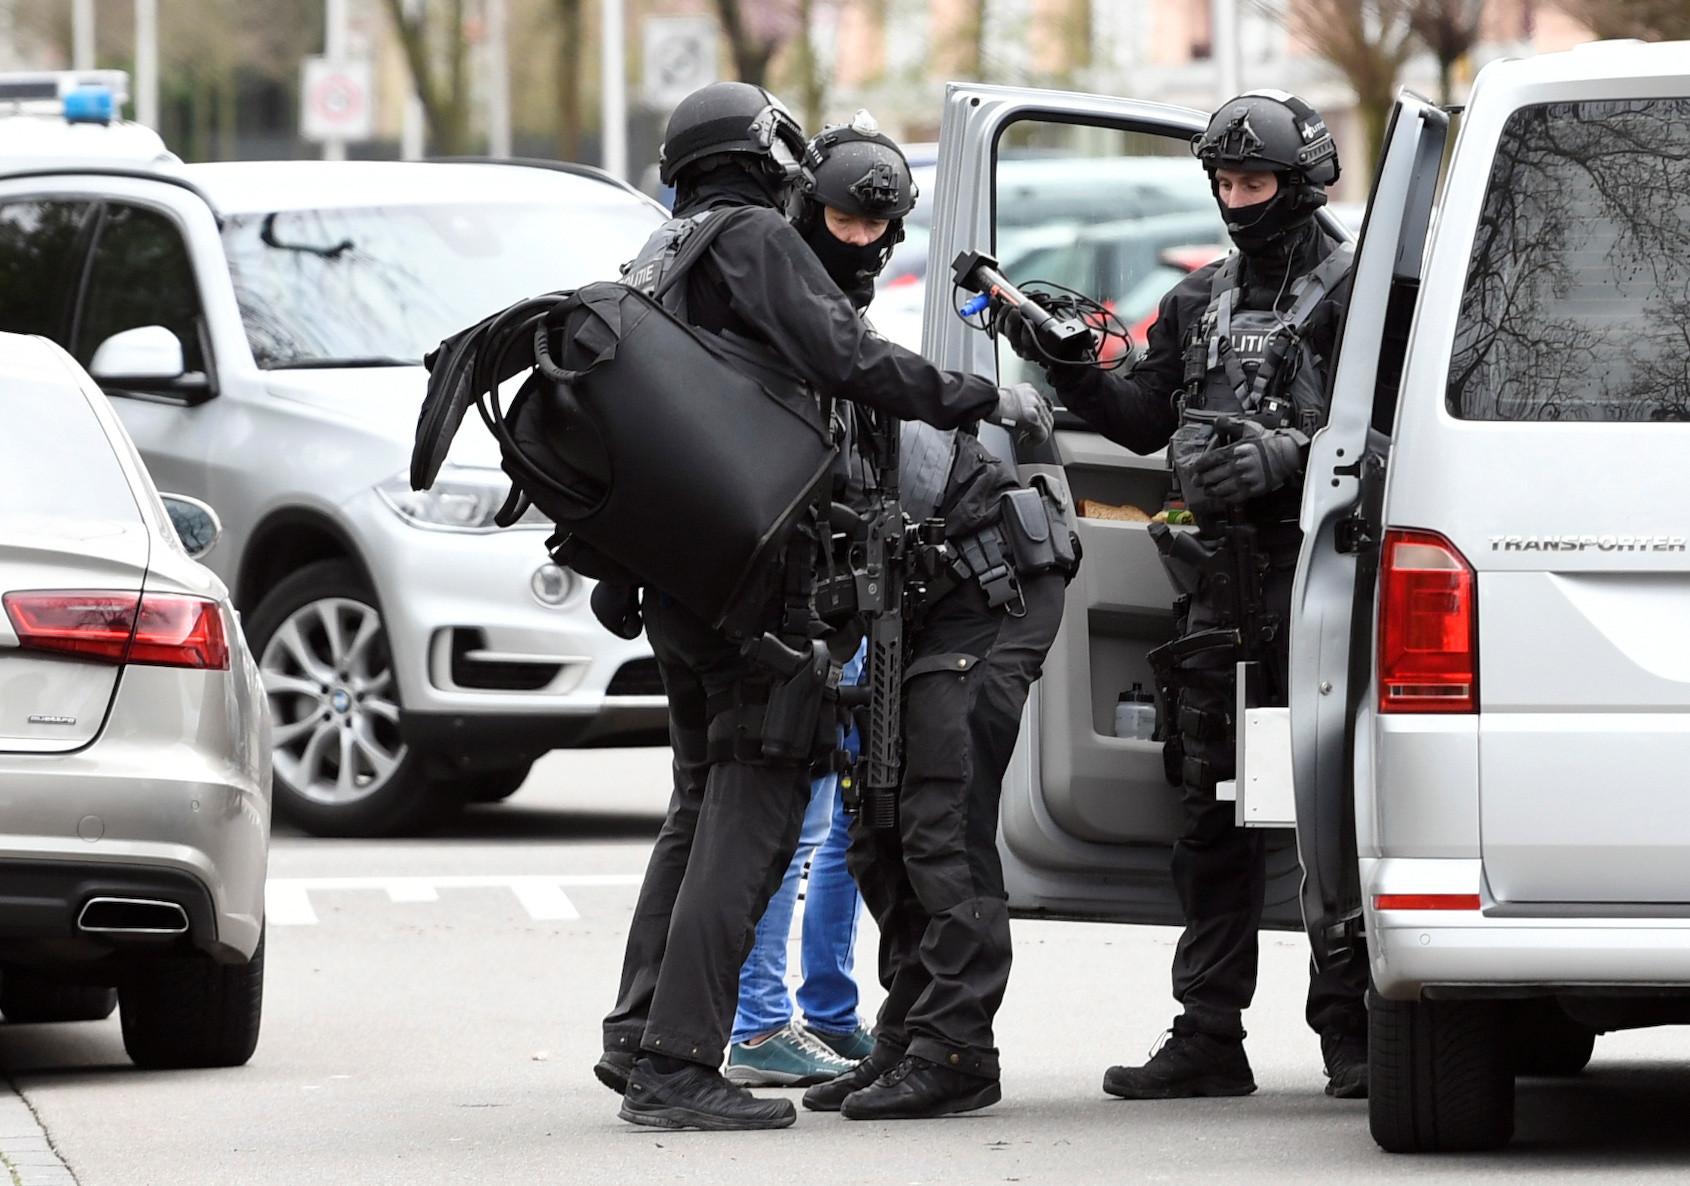 Suspeito de ataque na Holanda será indiciado por terrorismo